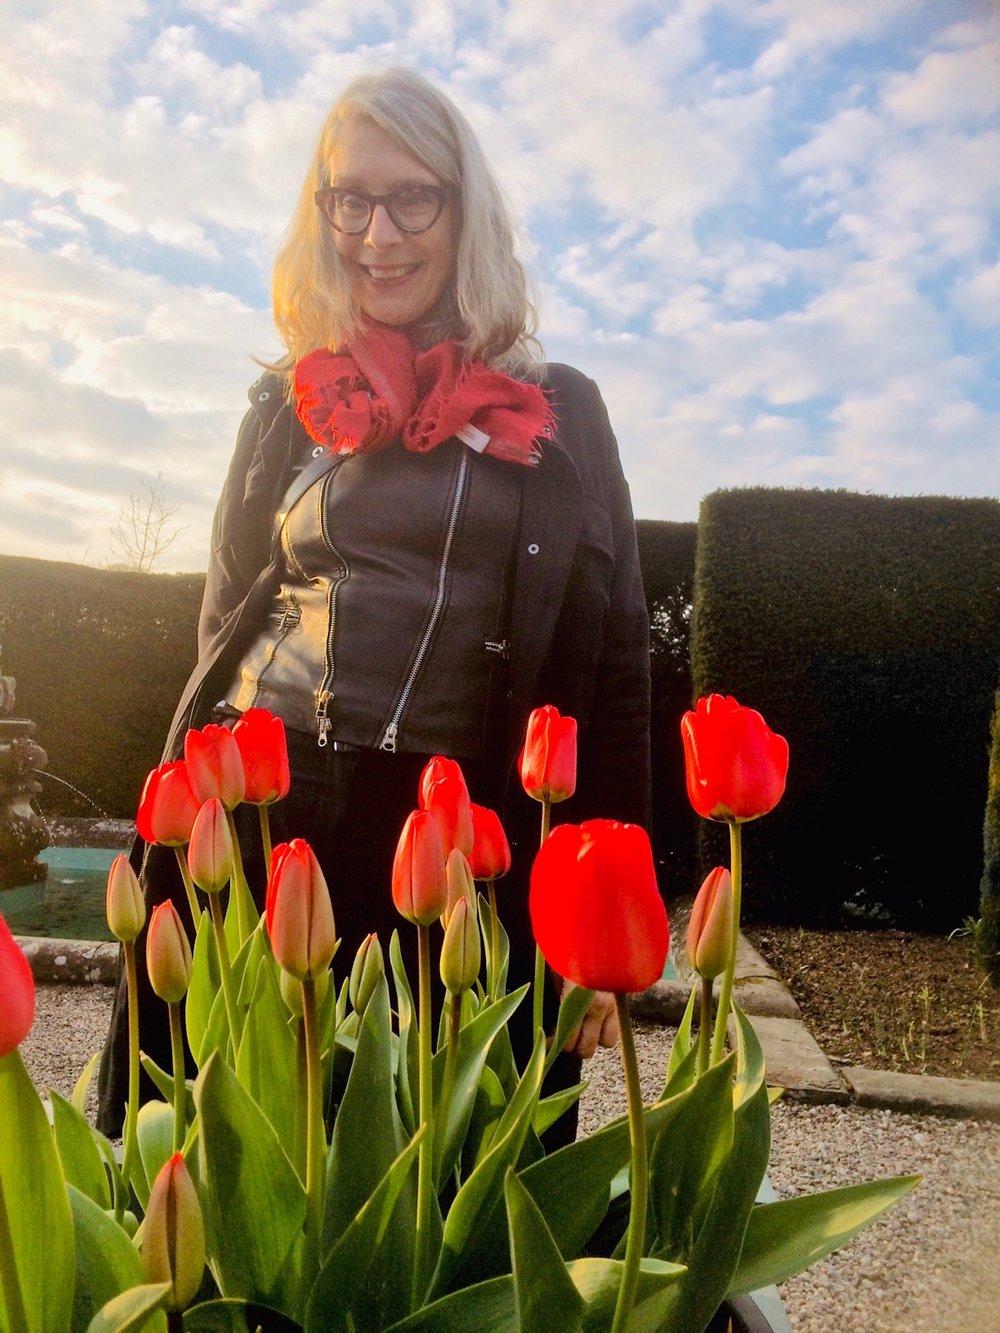 ingrid_tulips_glamis_ead_2019.jpg